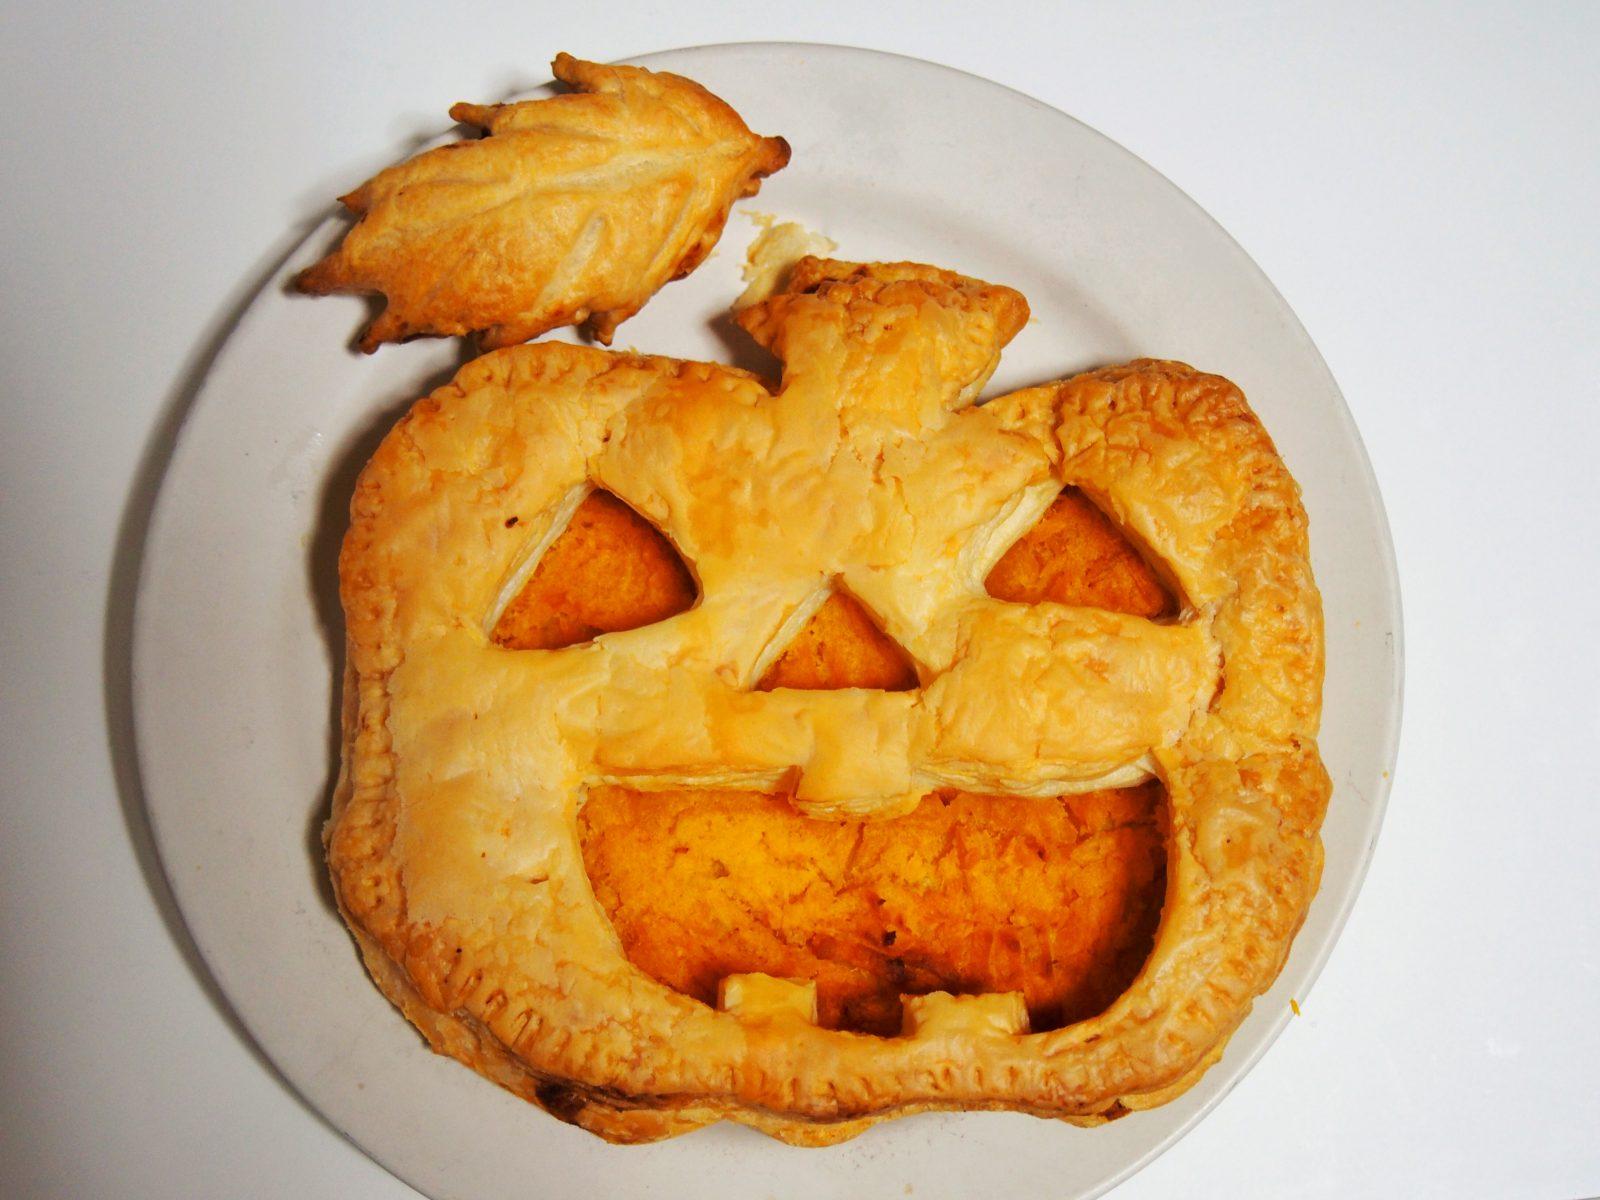 【ハロウィン・レシピ】超簡単!冷凍パイでパンプキンパイ